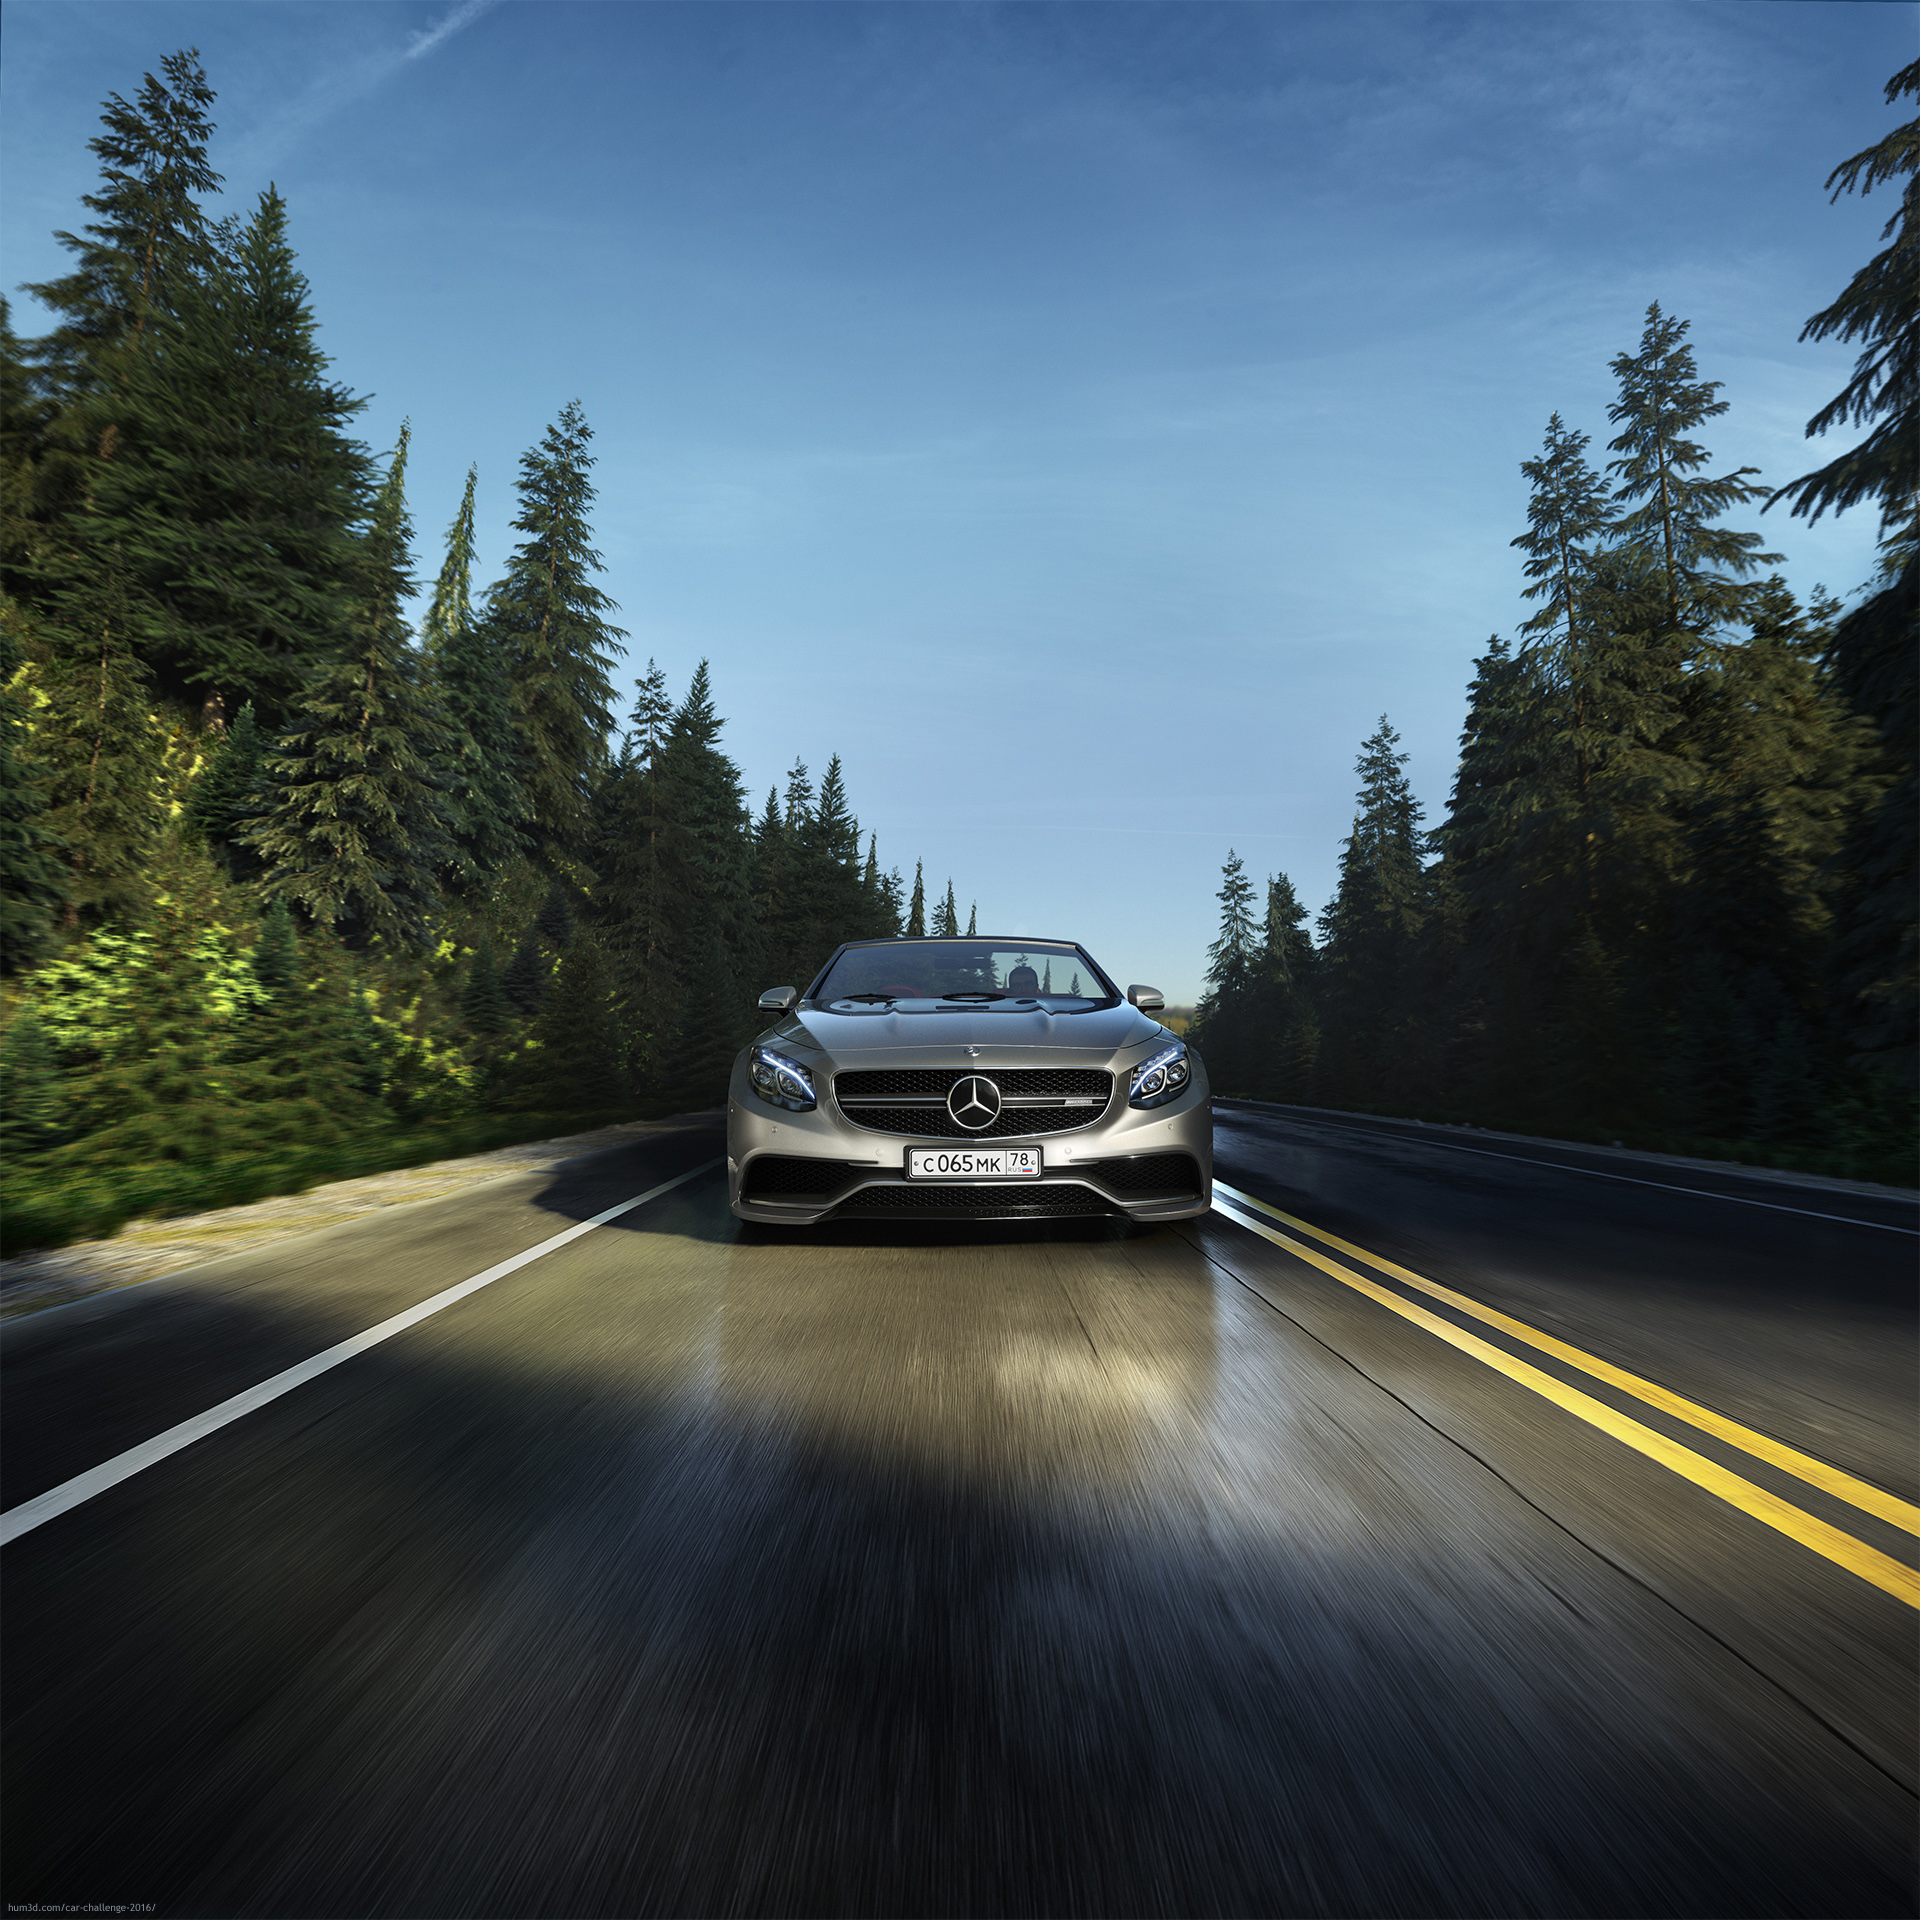 Mercedes-Benz S63 AMG Cabriolet 3d art